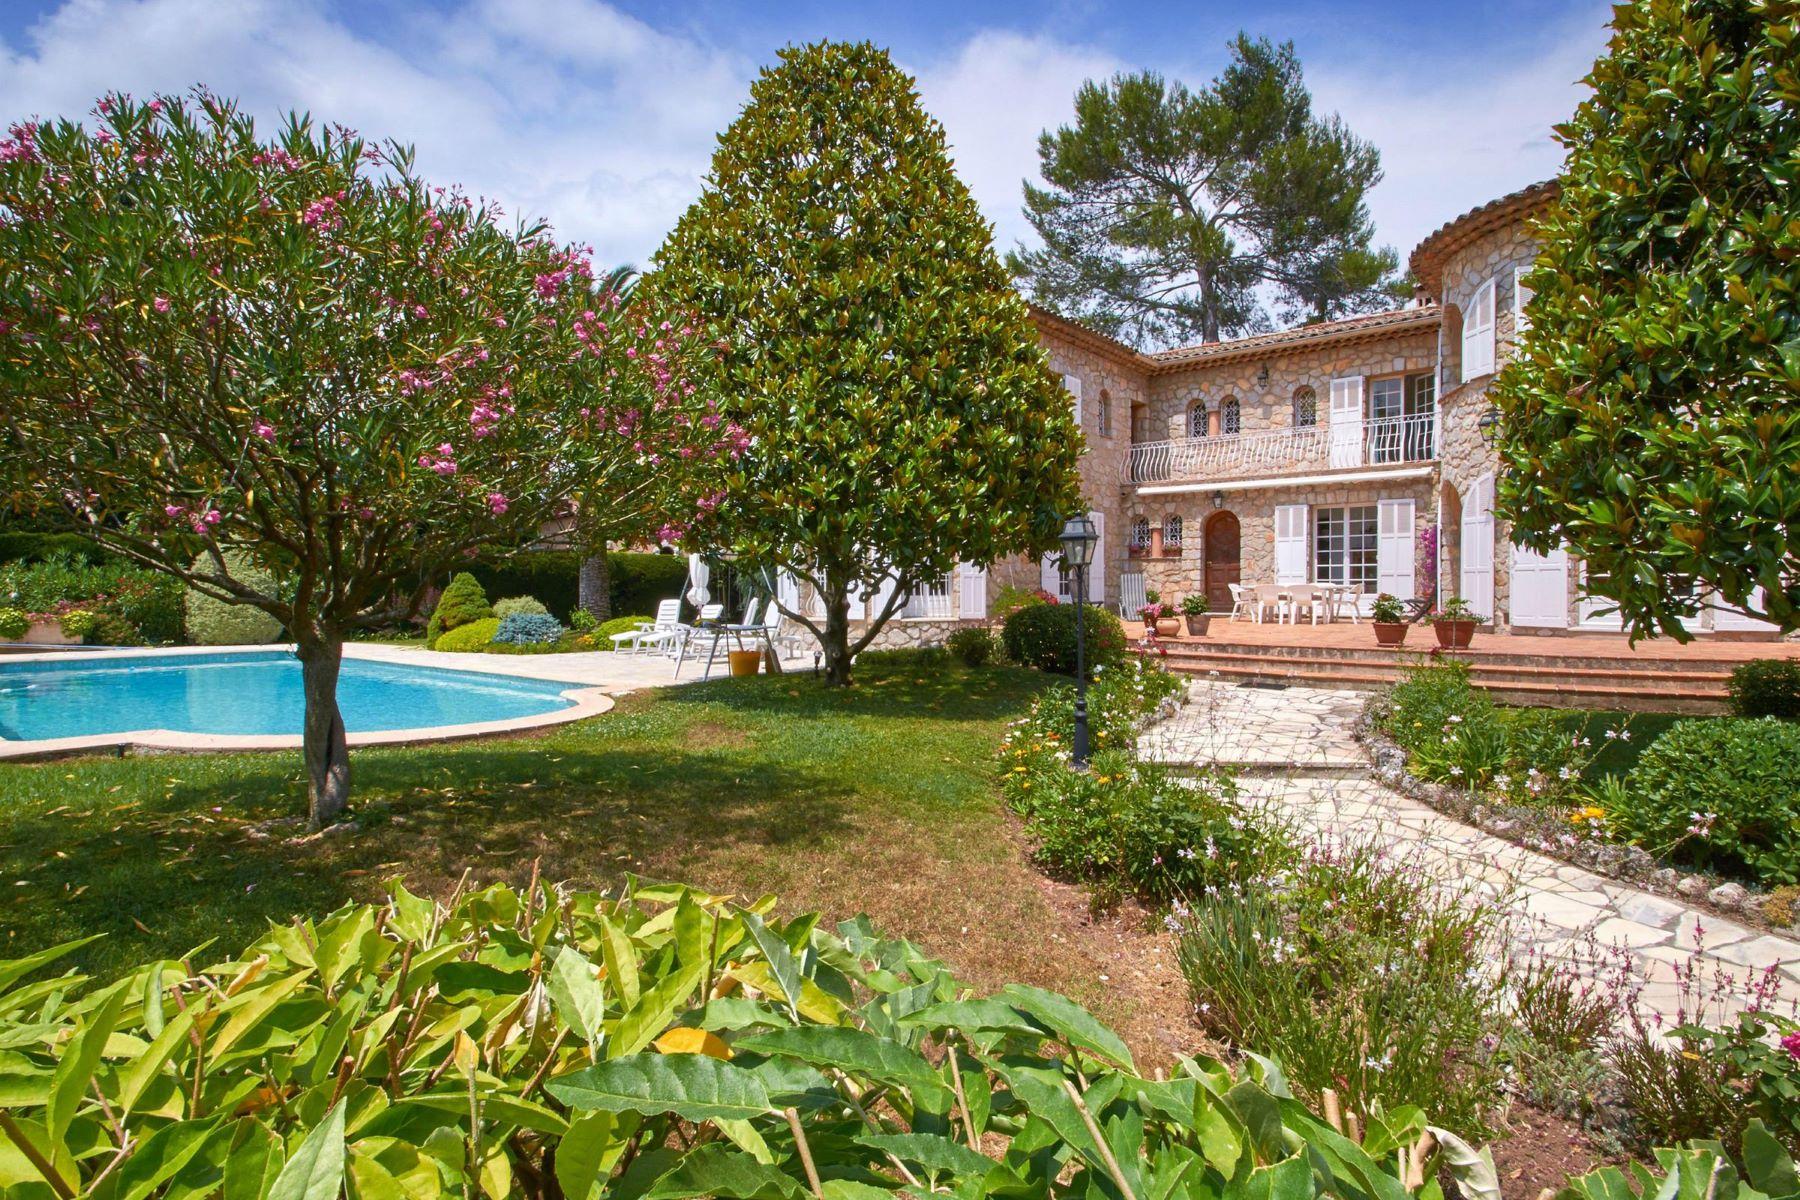 Maison unifamiliale pour l Vente à Charming stone house in a private domain of Mougins Mougins, Provence-Alpes-Cote D'Azur, 06250 France